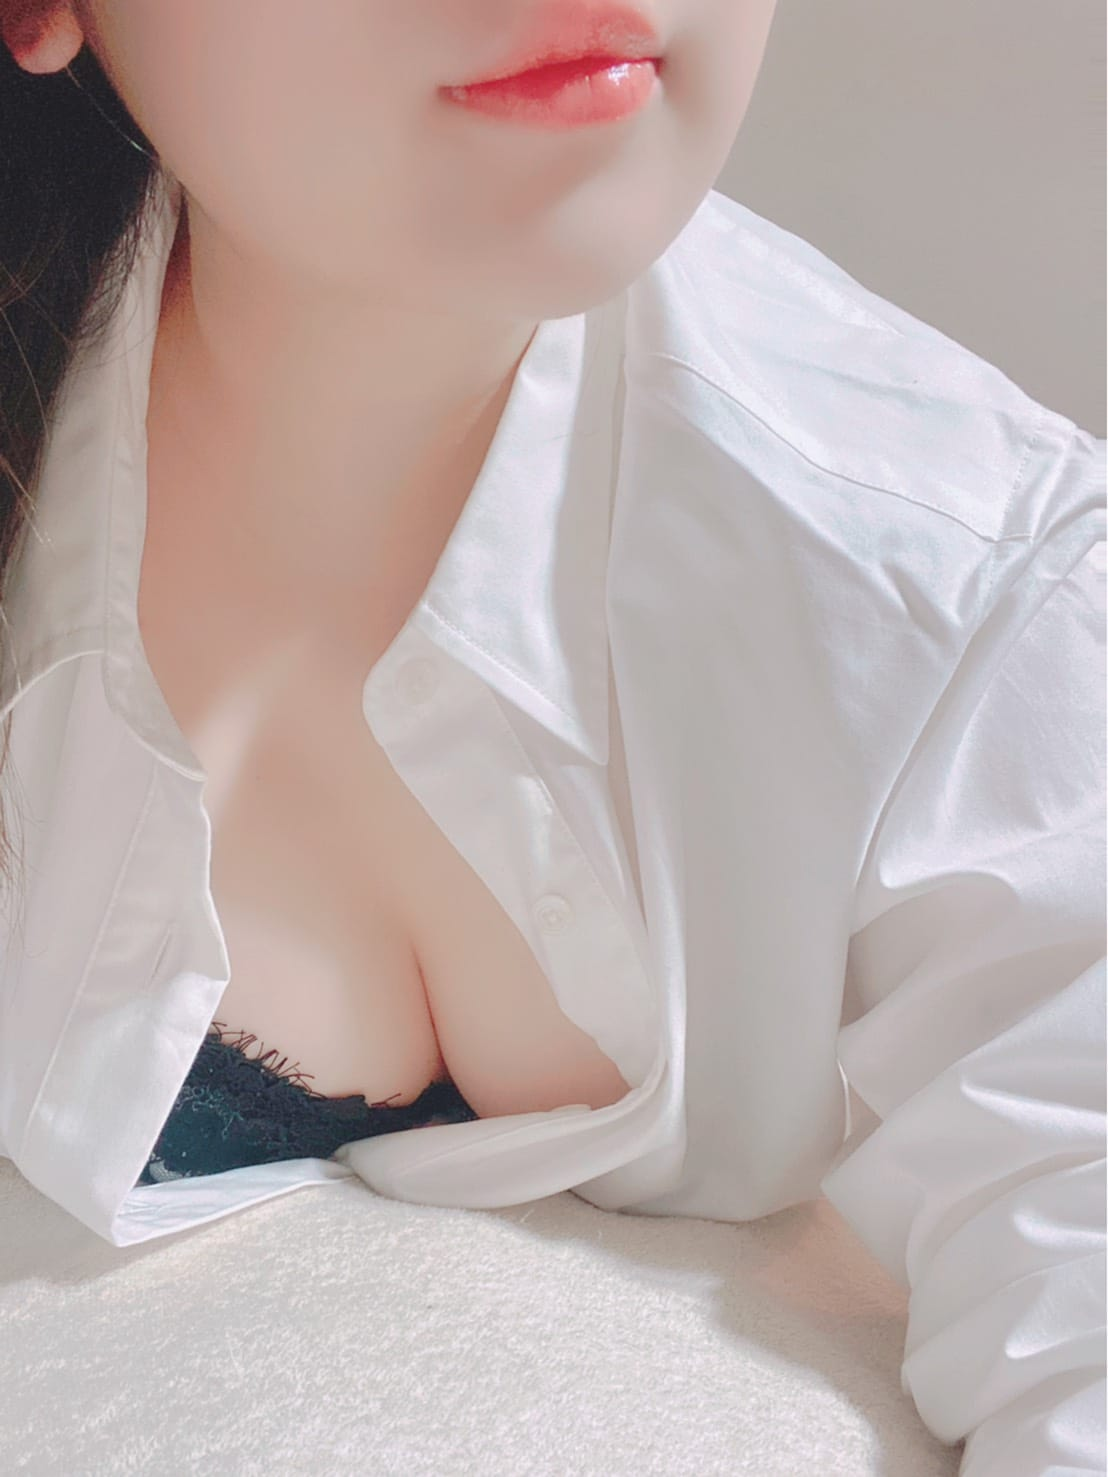 木村 きい【スタイル抜群スレンダー美人】 | MINERVA()